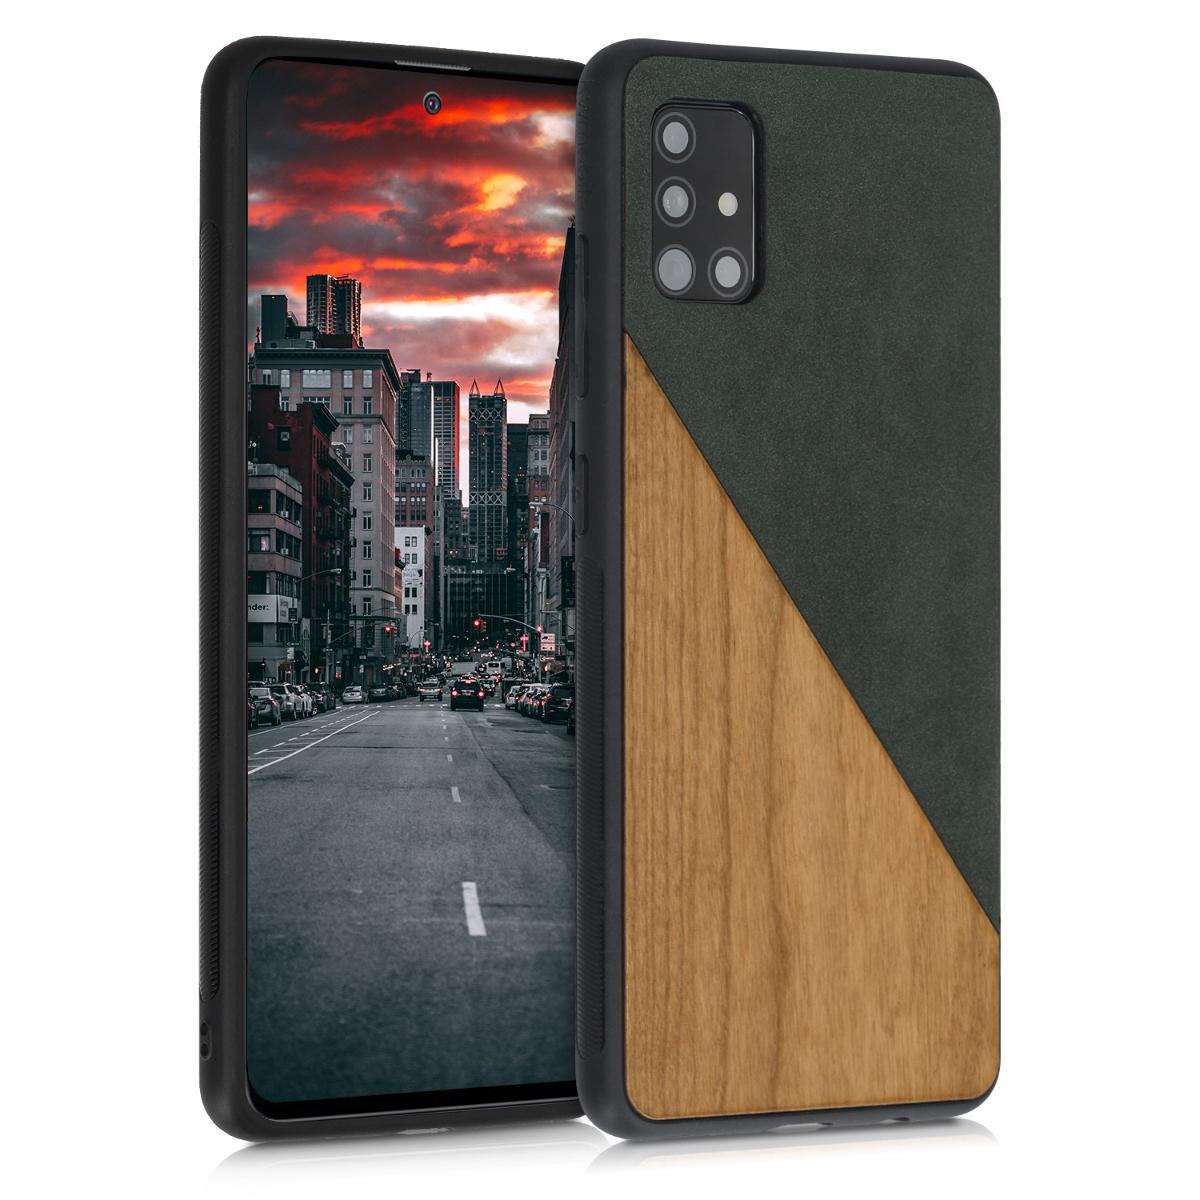 Dřevěné pouzdro pro Samsung A51 - Two-Tone Wood Dark Green / Brown